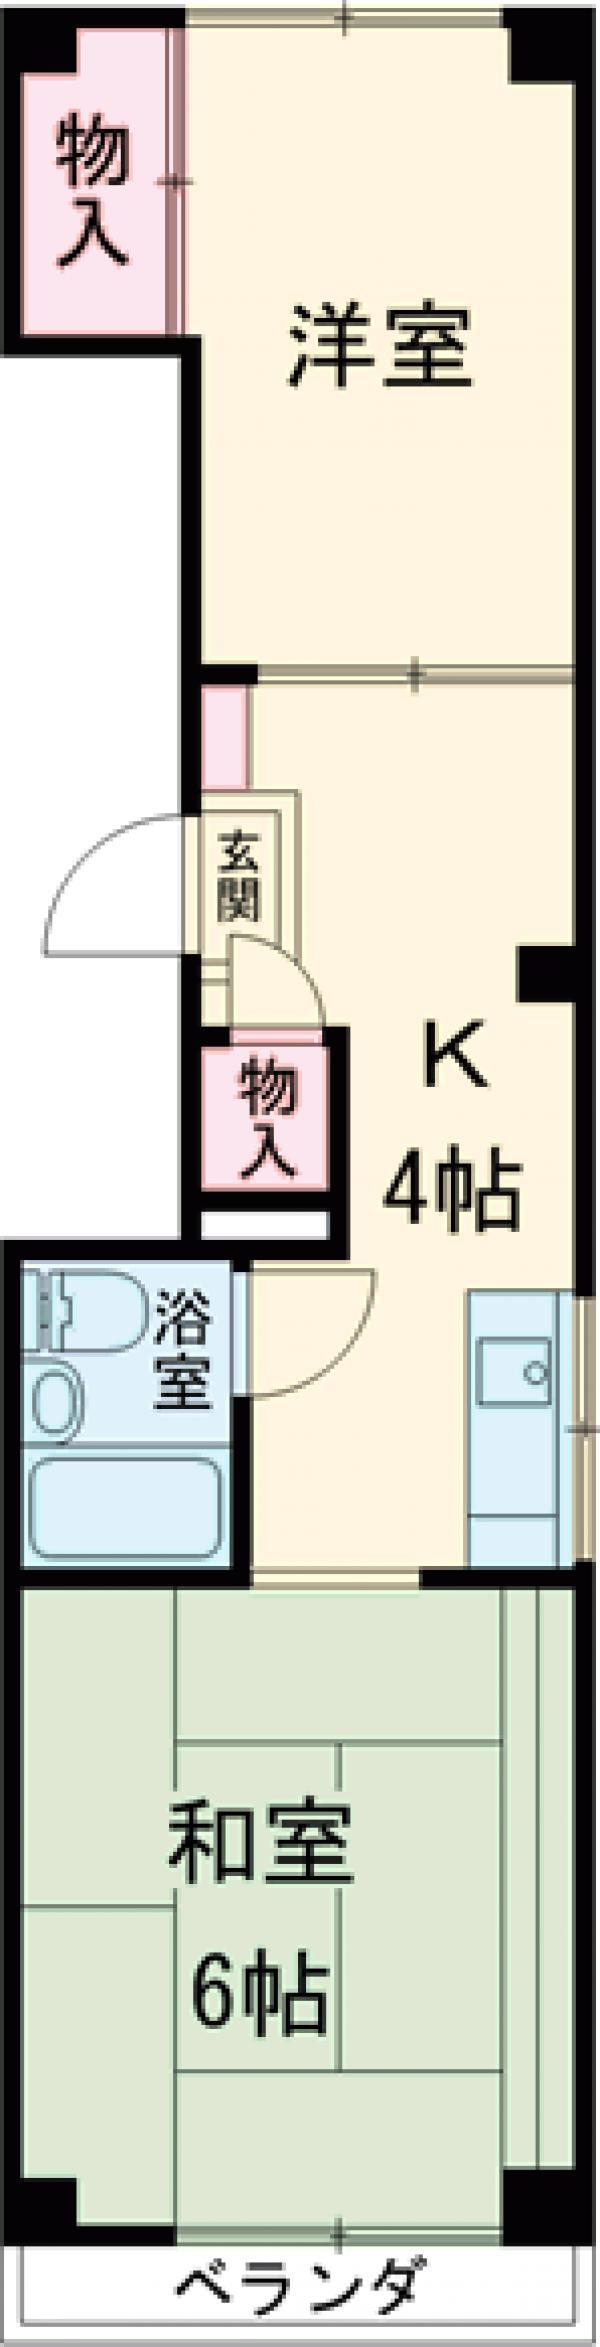 東印ビル 2F号室の間取り